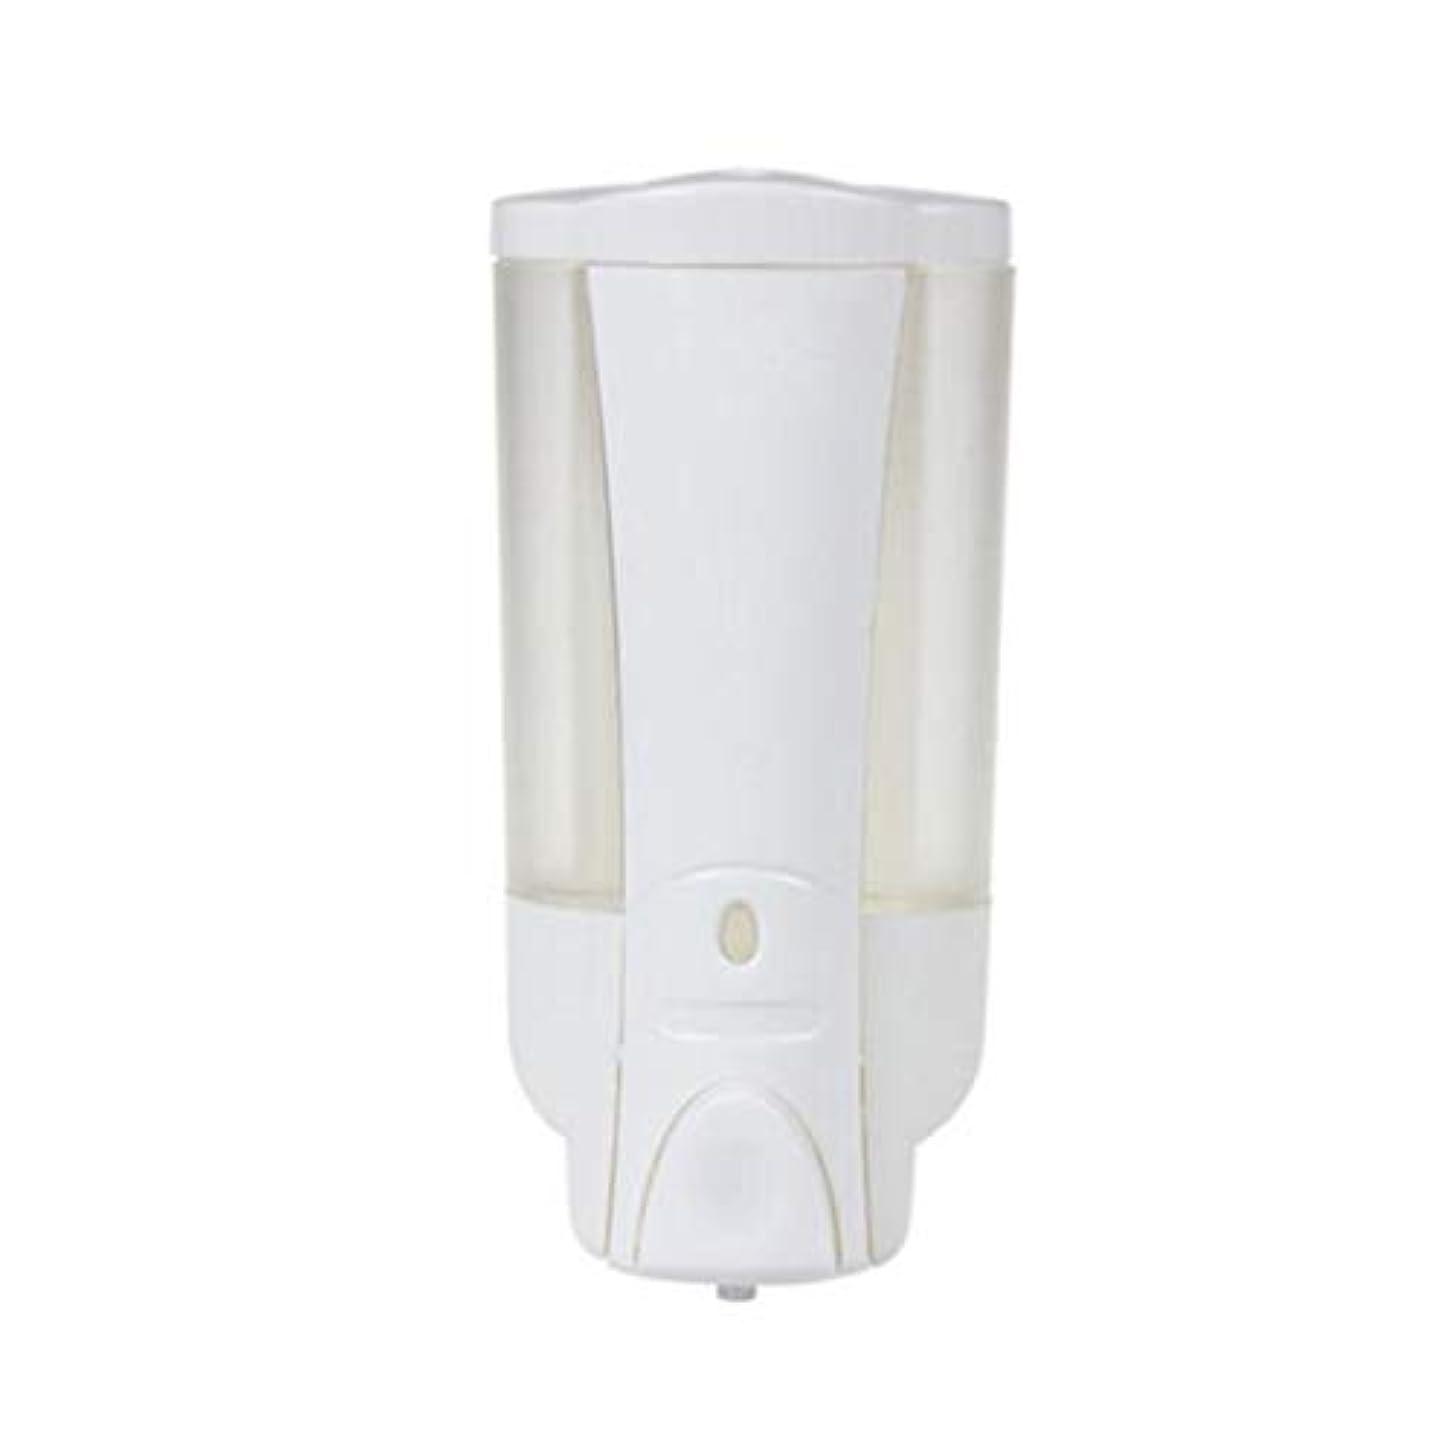 マングル晴れ麦芽Kylinssh 泡立つ石鹸ディスペンサー450ml容量、石鹸、DIY液体石鹸、皿石鹸、ボディウォッシュなどに使用するための空のプラスチック液体石鹸ポンプボトル